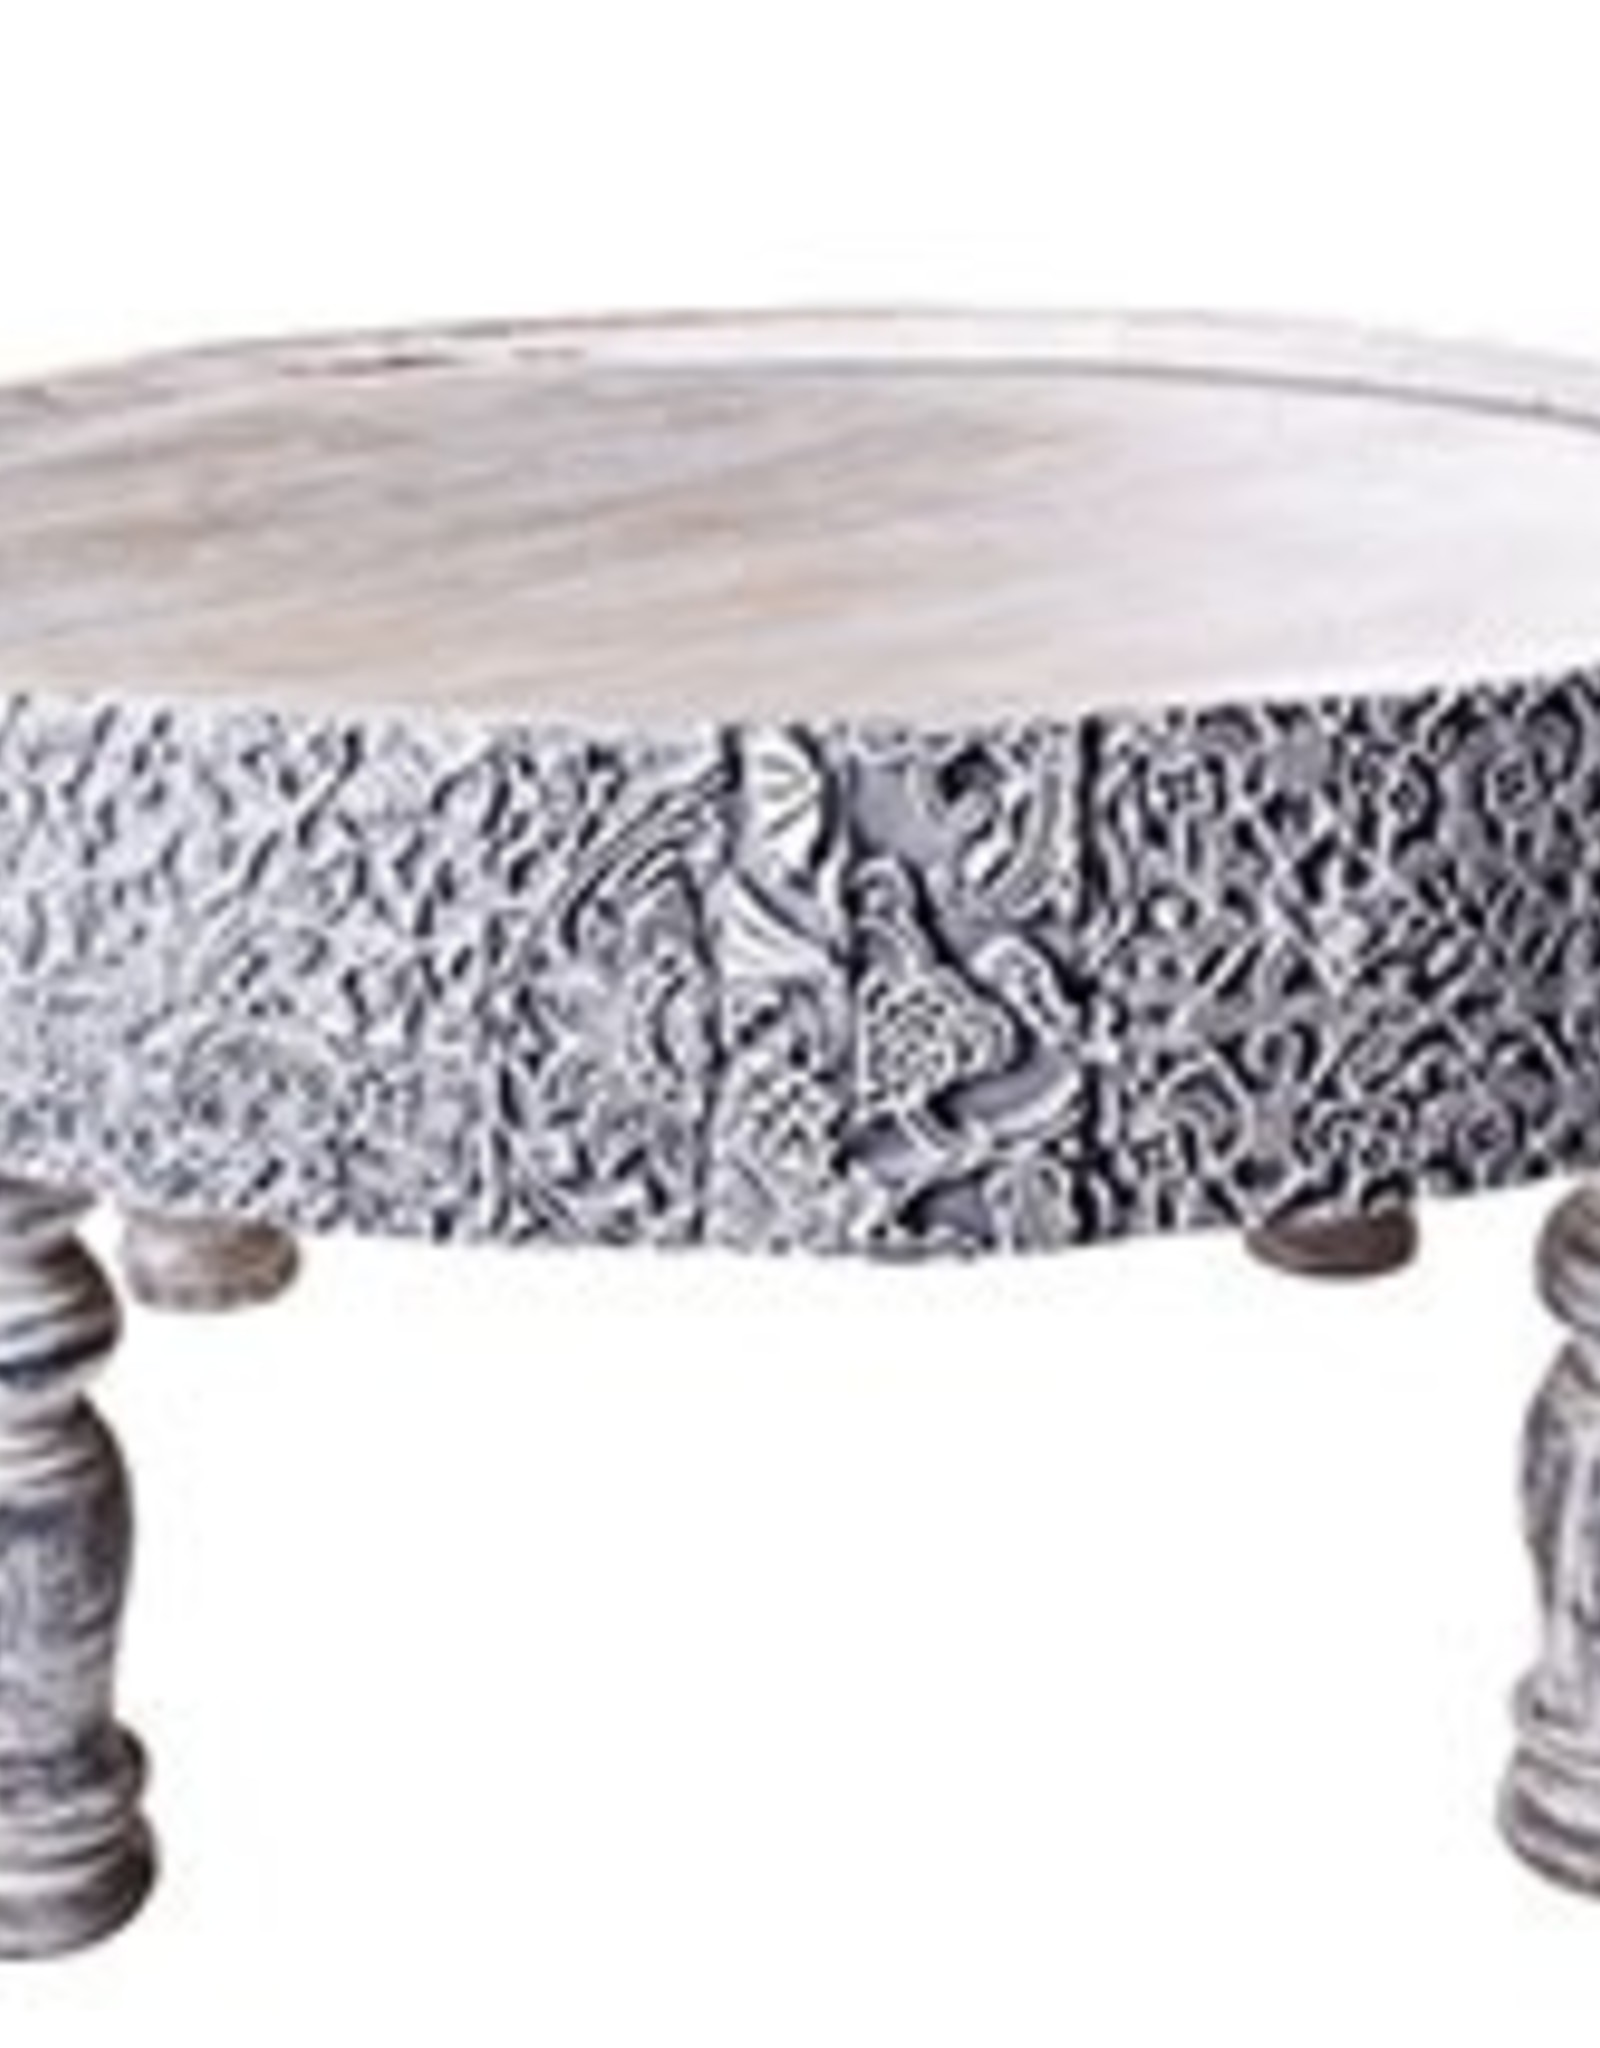 Nomads Table - Whitewash - Large